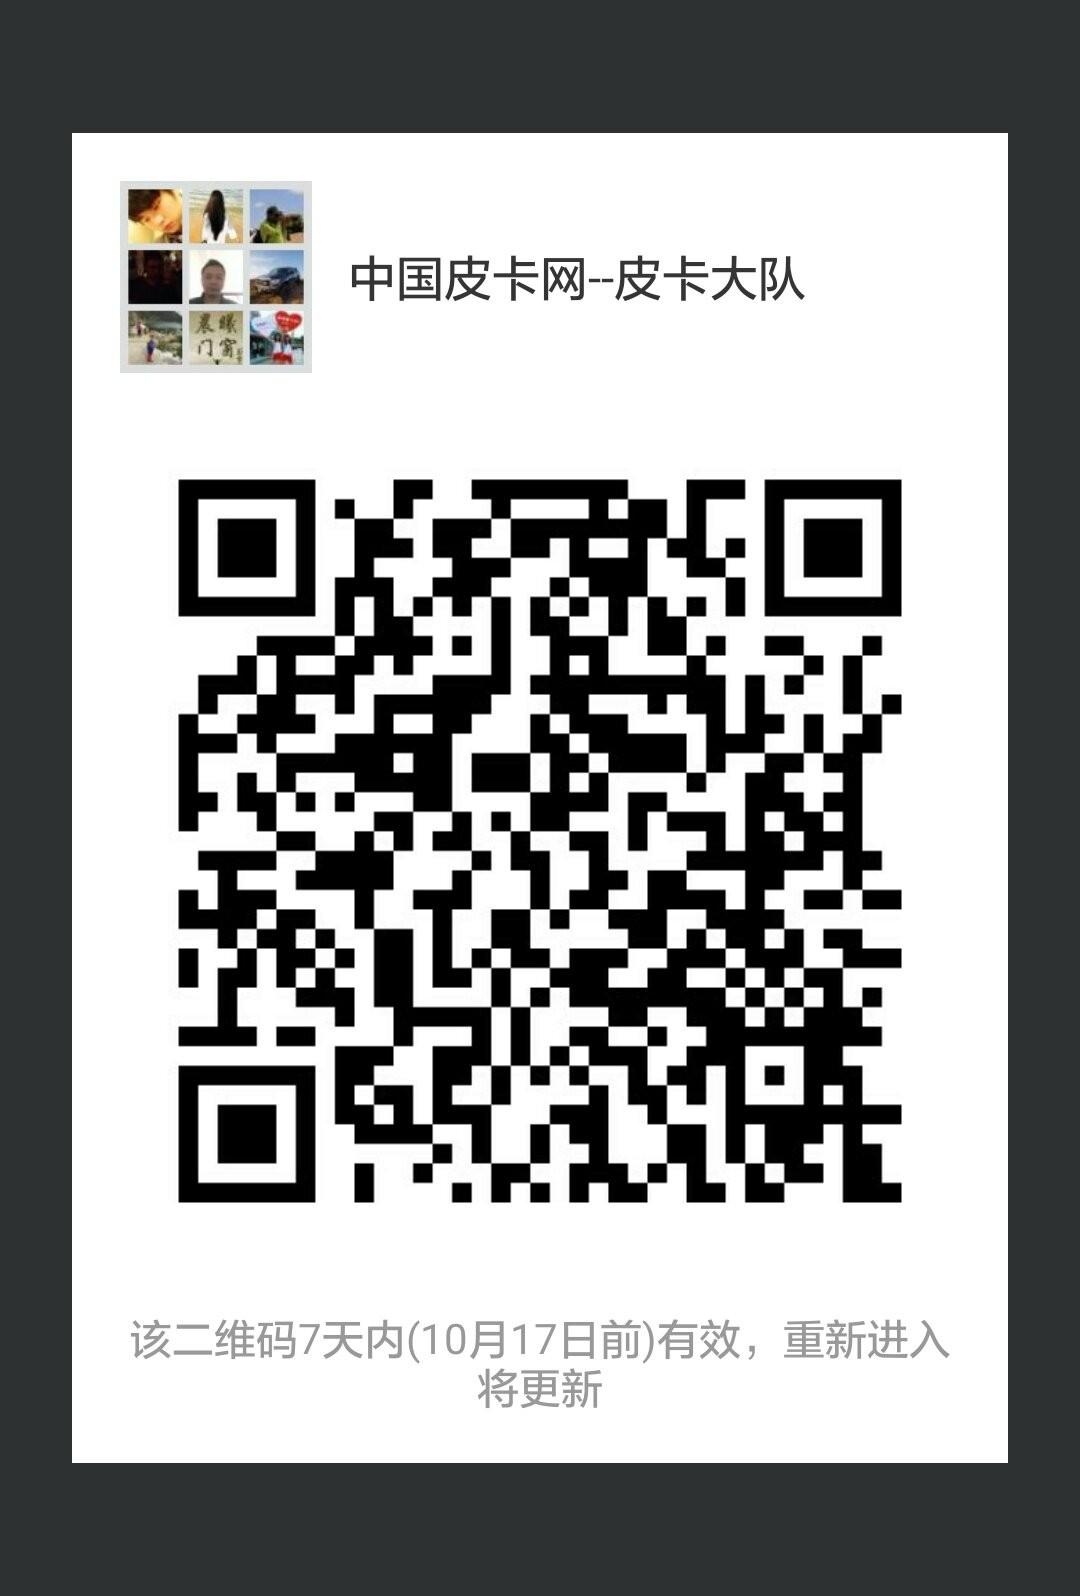 微信图片_20171010135841.jpg